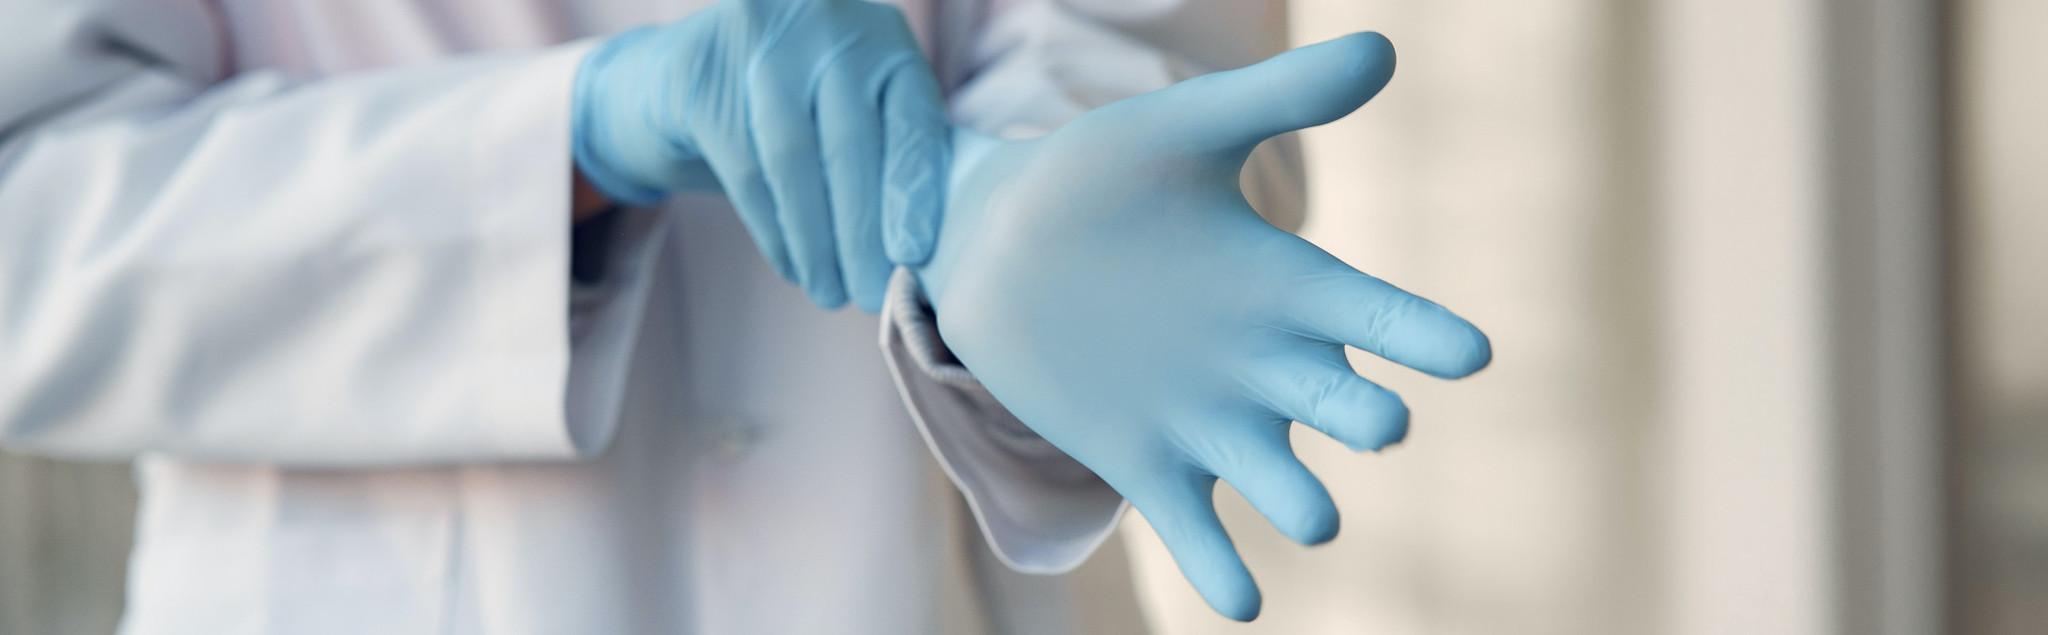 Onmisbaar binnen de ziekenhuizen, nitril handschoenen